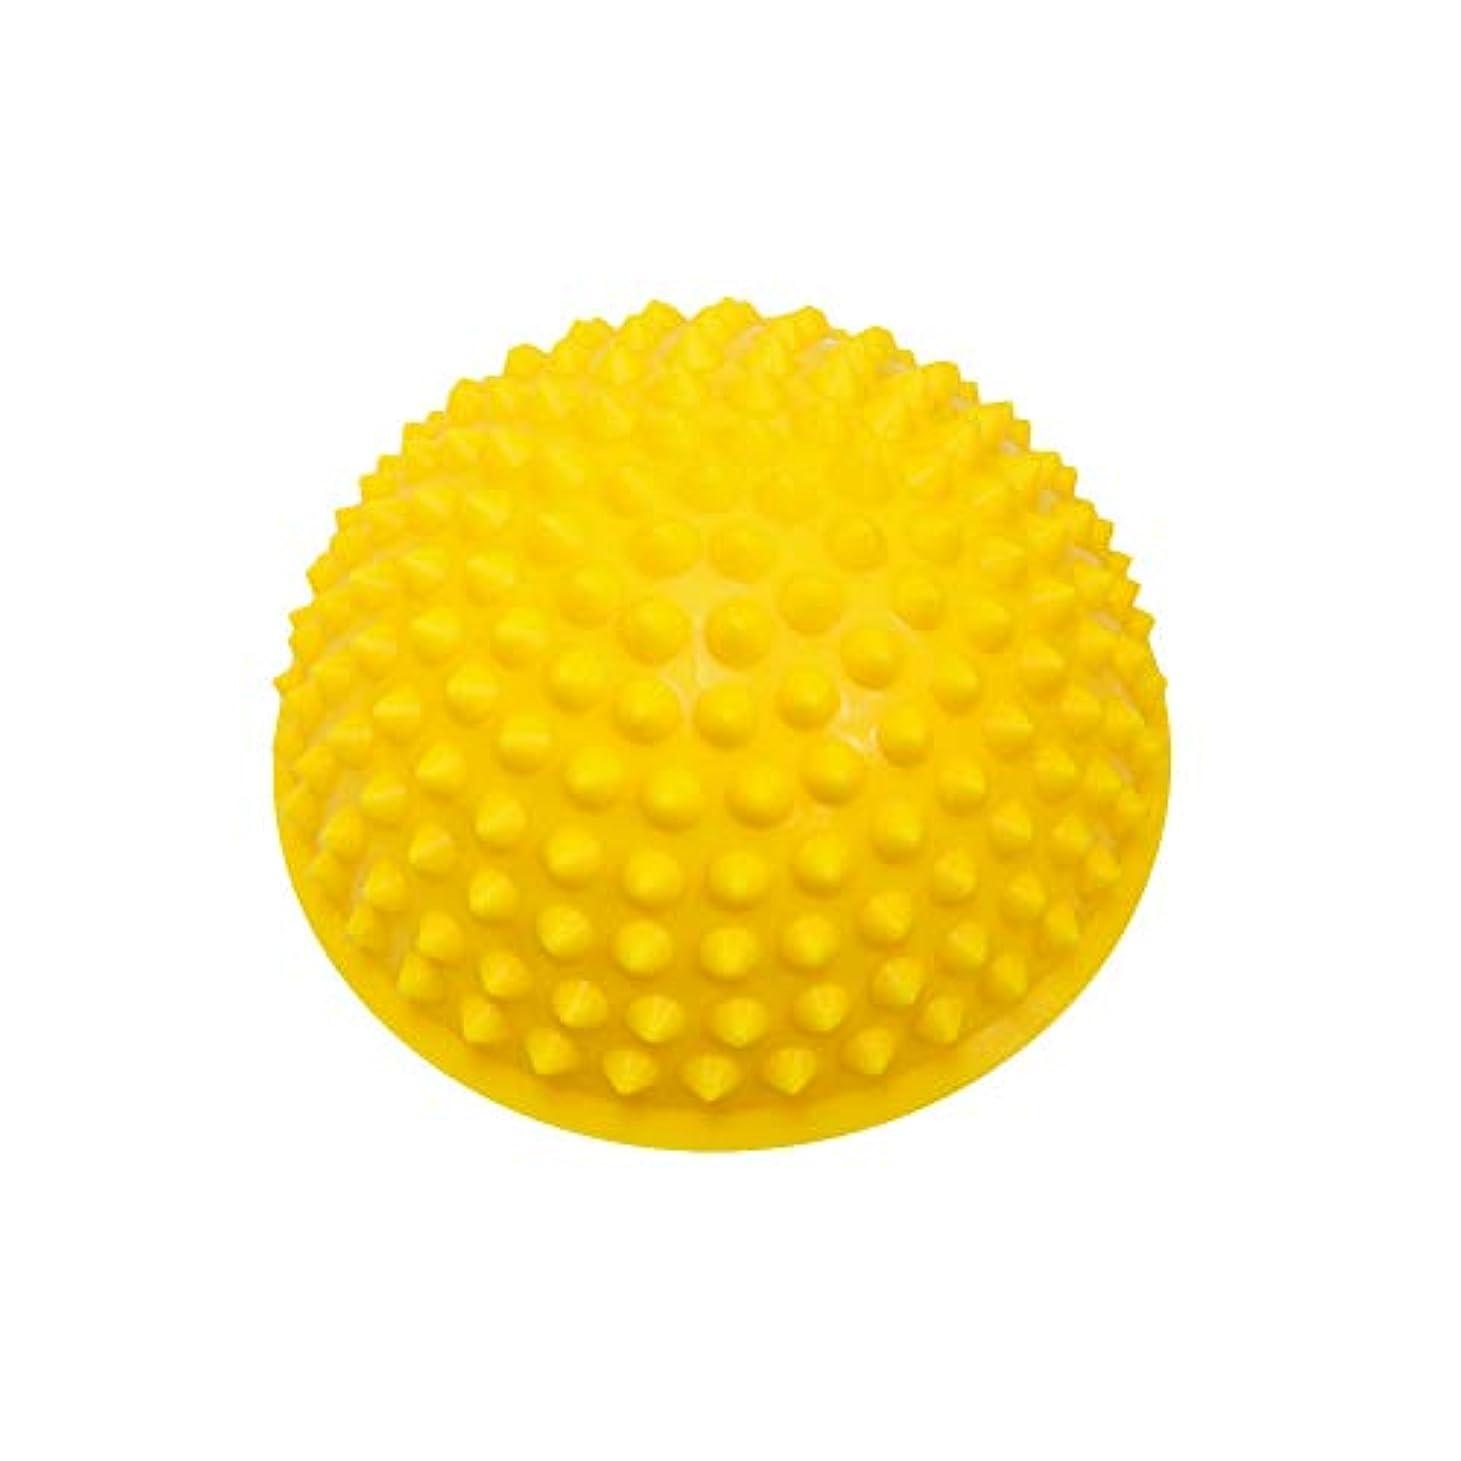 常習者意気揚々に慣れマッサージボール ストレッチボール トゲトゲ 半球 筋膜リリース トレーニング 足つぼ ツボ押しグッズ (イエロー)